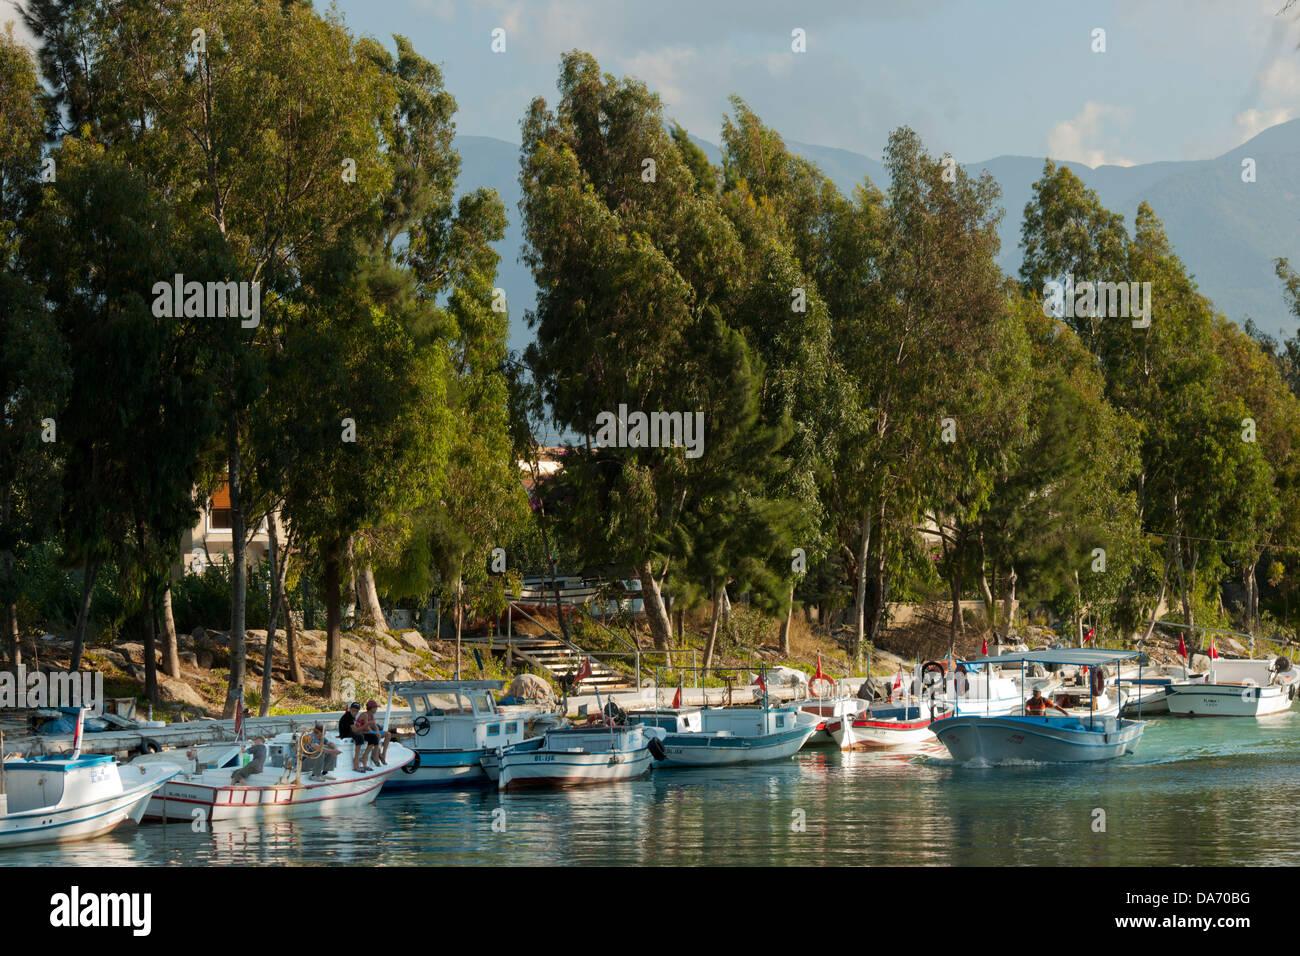 Türkei, Provinz Hatay (Antakya), Ulucinar (Arsuz), Boote am Fluss Arsuz - Stock Image